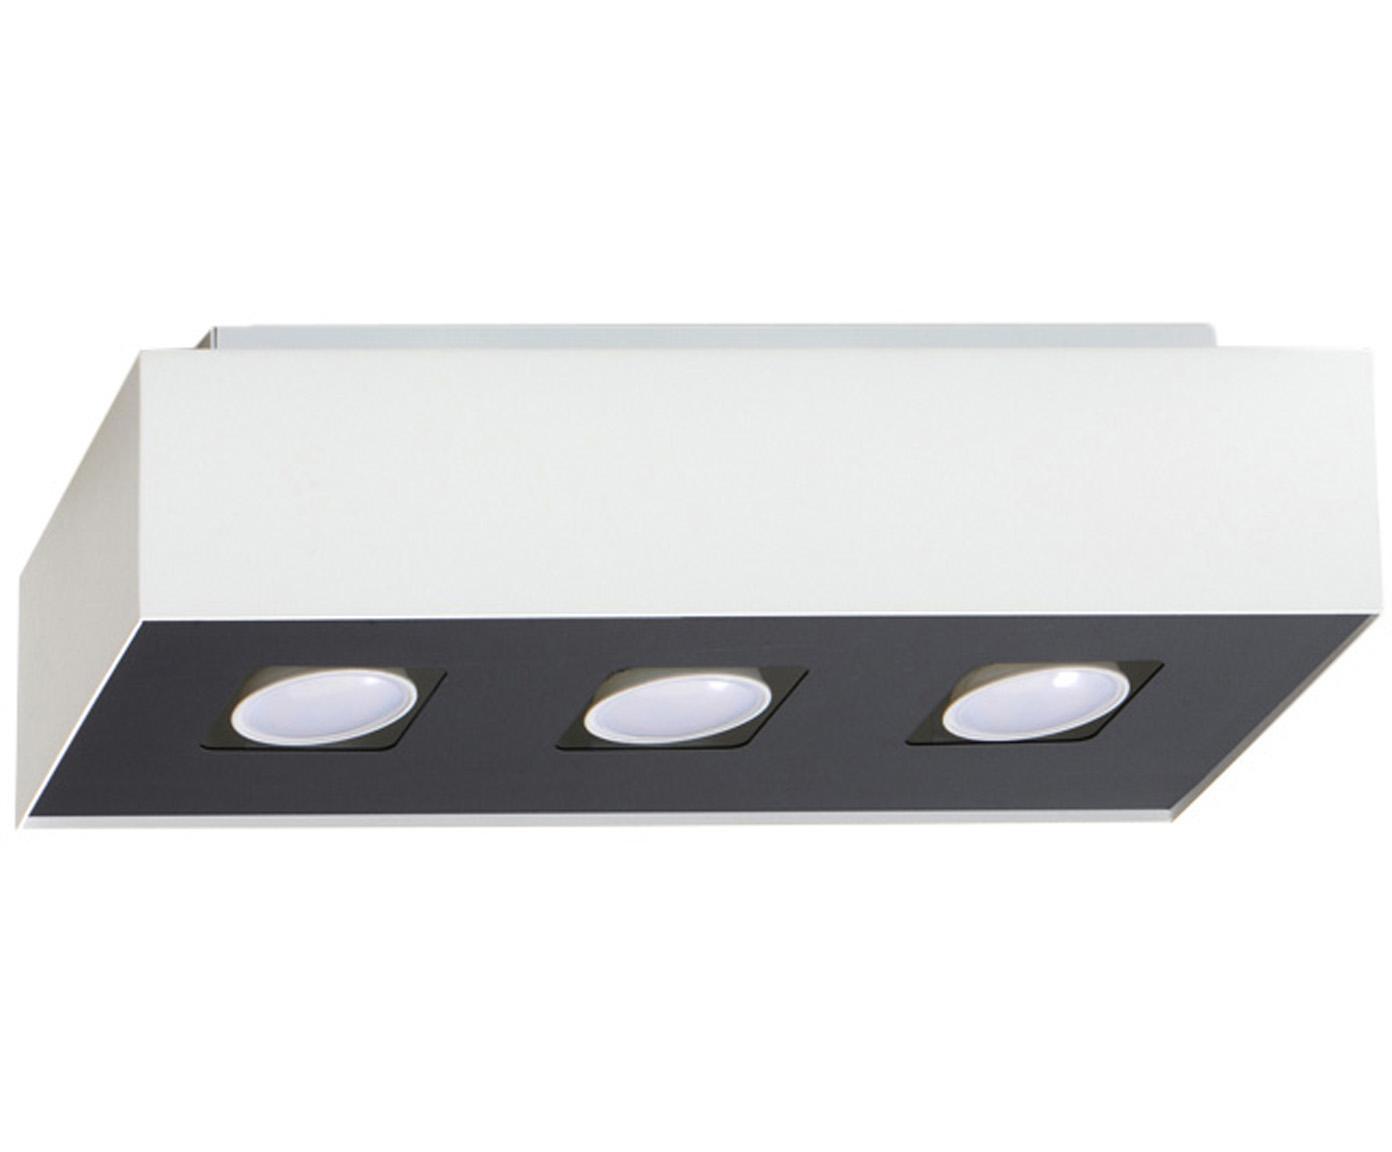 Plafoniera Hydra, Paralume: acciaio rivestito, Baldacchino: acciaio rivestito, Bianco, nero, Larg. 34 x Alt. 11 cm